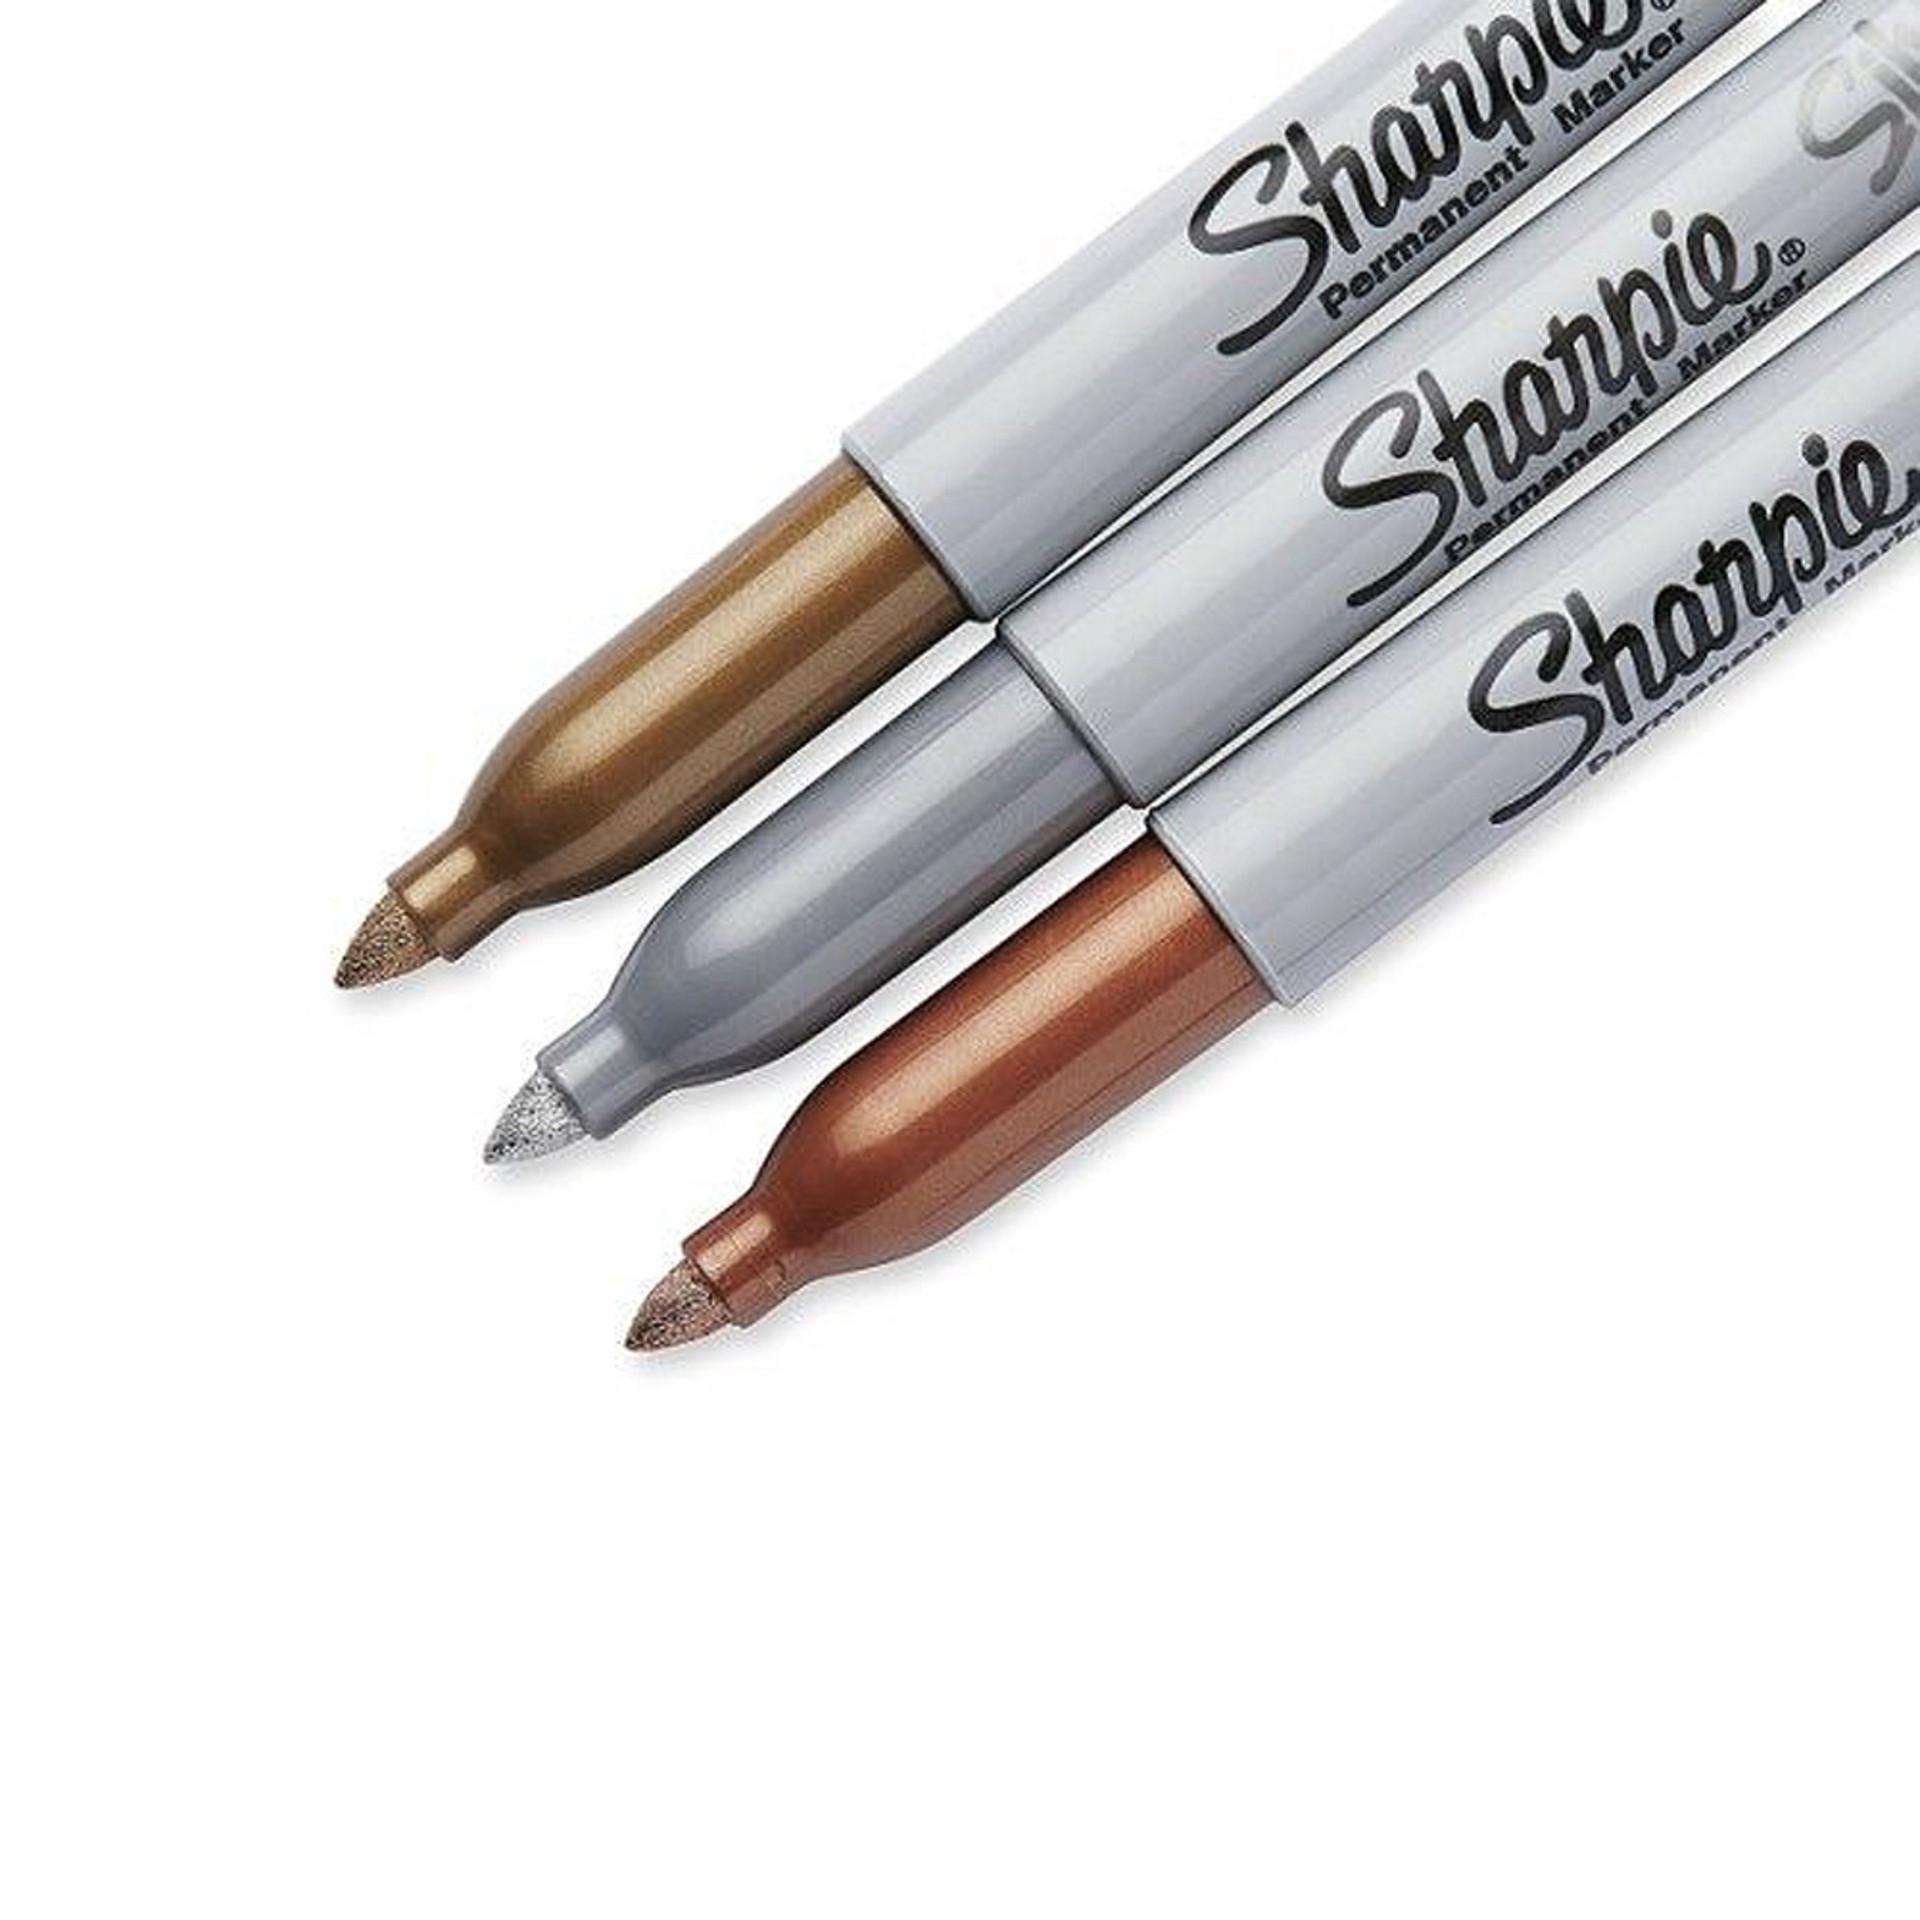 Sharpie Fine-Tip Metallic Markers